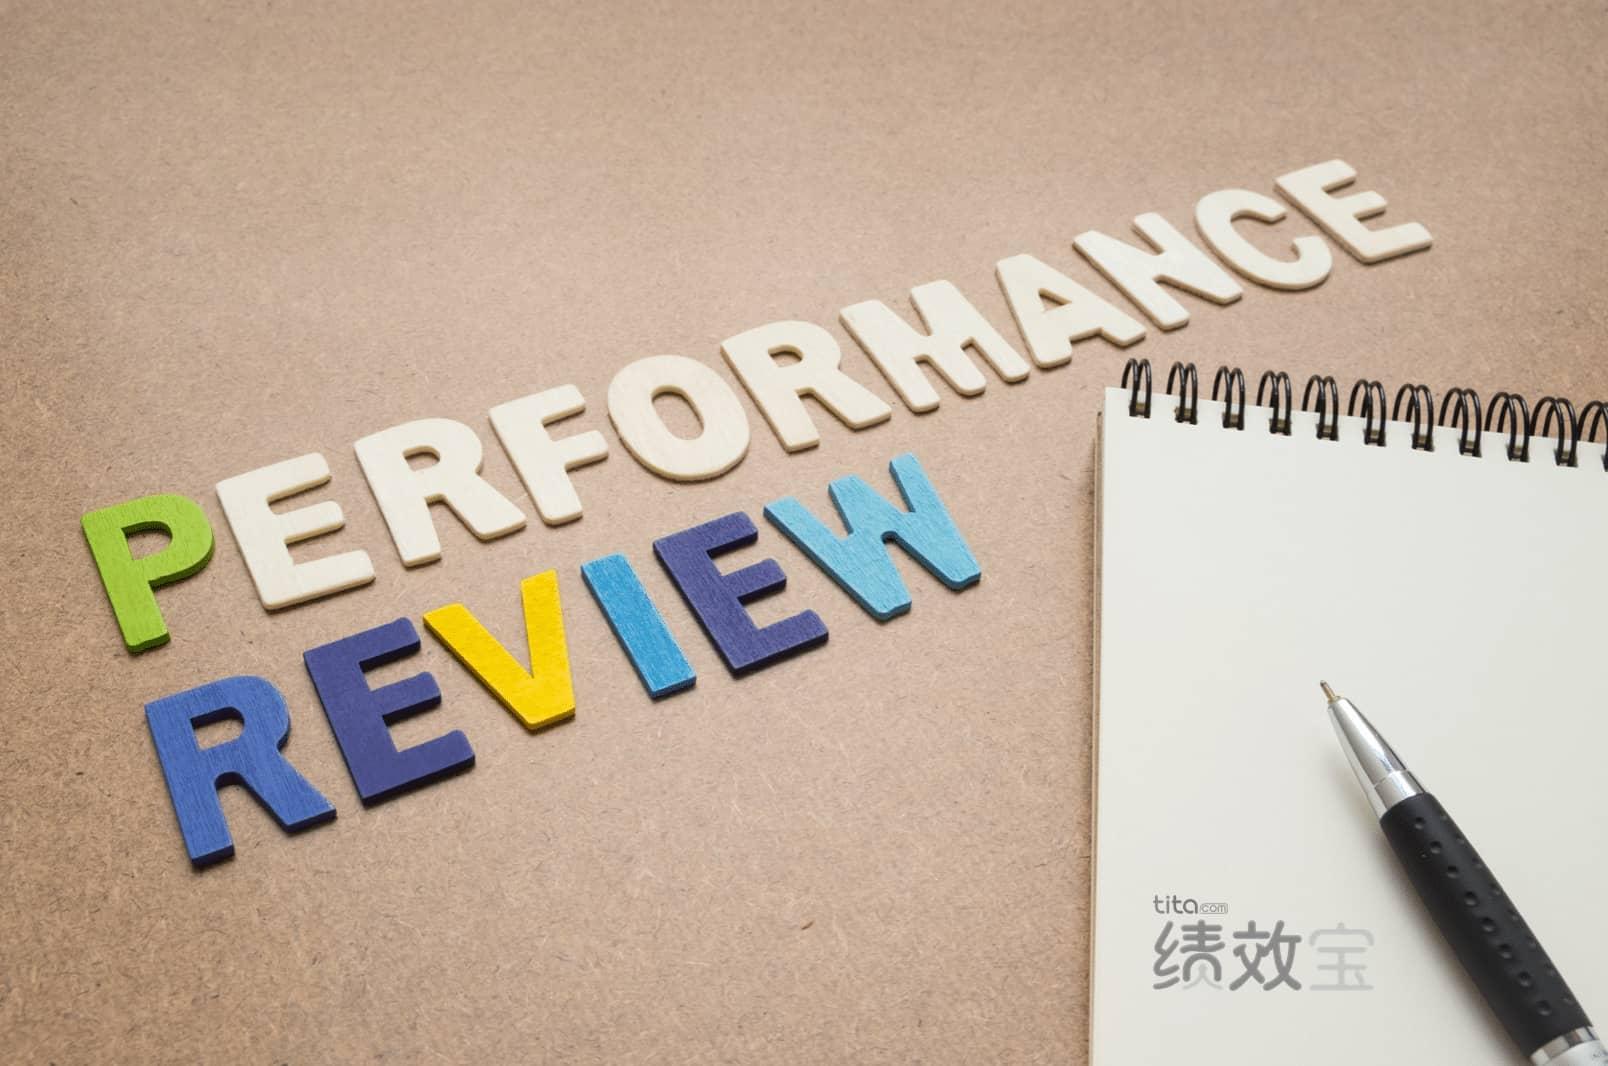 绩效评估:最佳做法和要问的首要问题